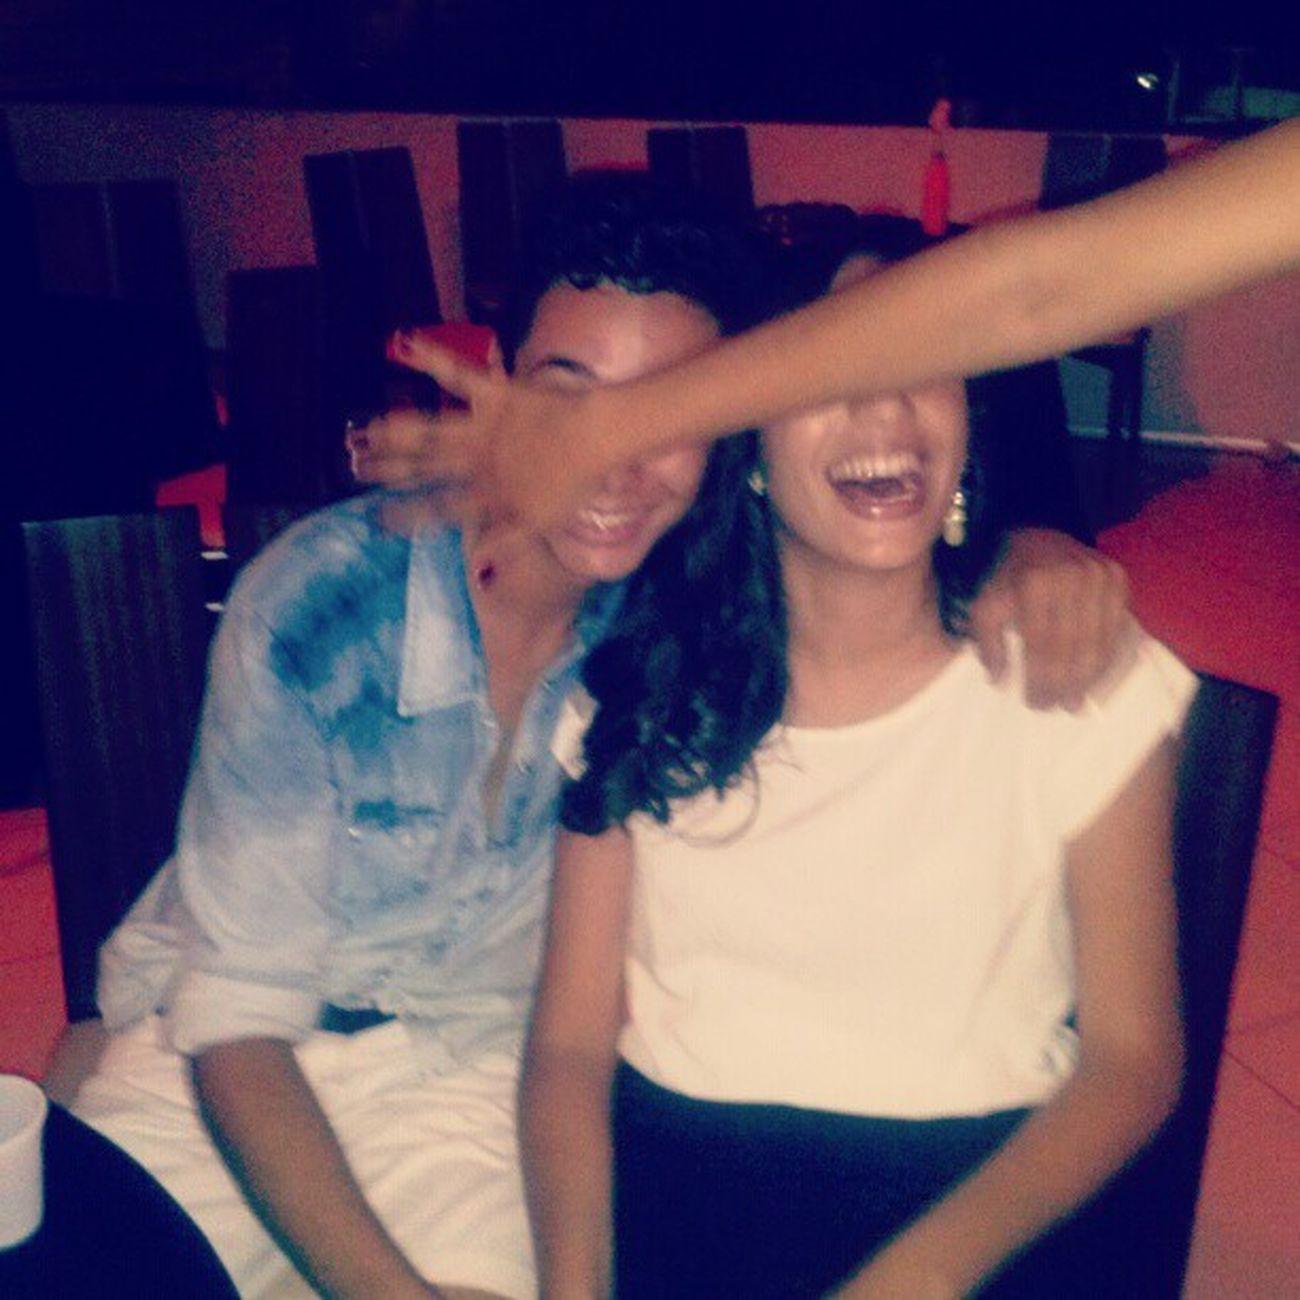 @_dudarocha super atrapalhando nossa foto não é @crisolimpioo ? kkkk Recalque